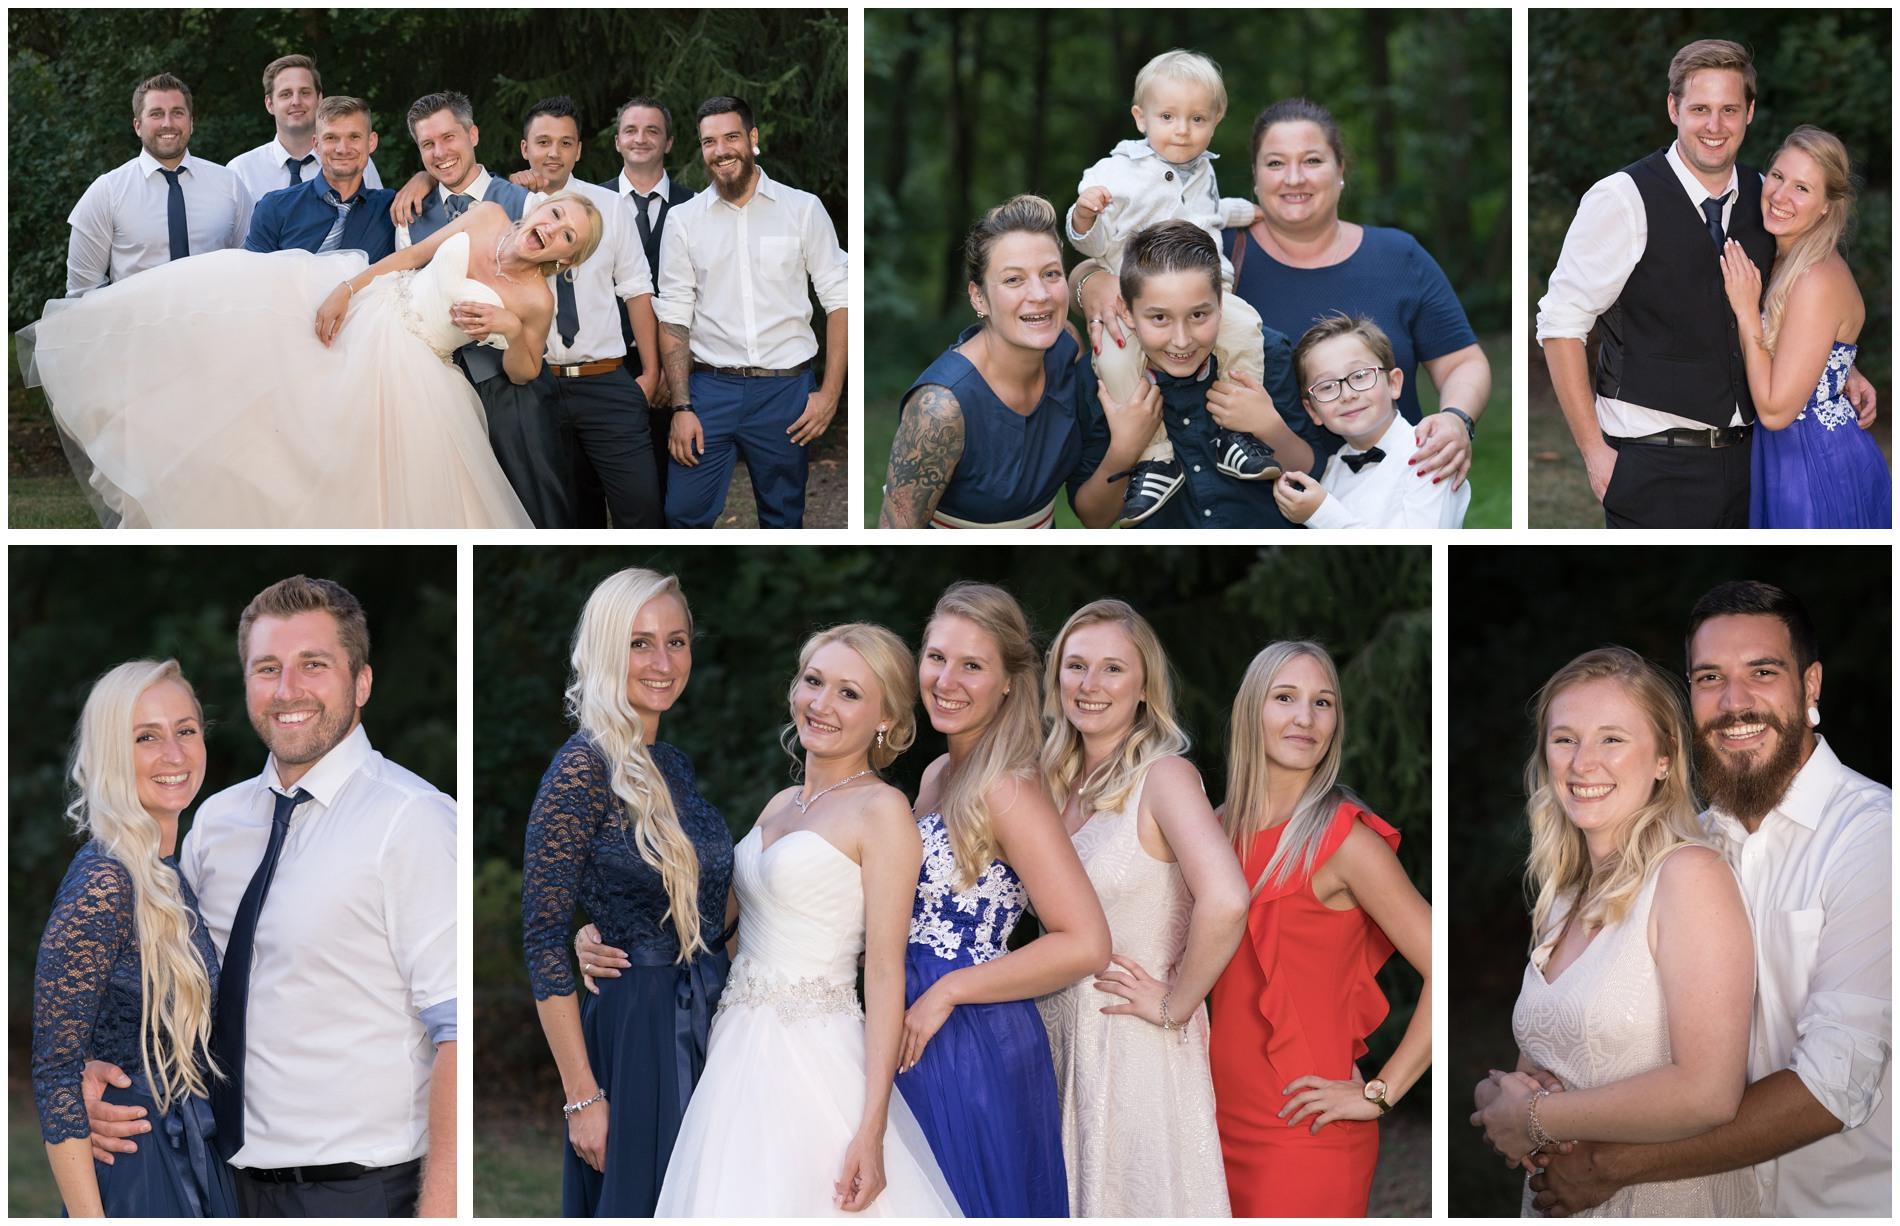 12. Hochzeitsfotograf Wunsiedel – Hochzeitsfotograf Fichtelgebirge Stephanie Scharschmidt